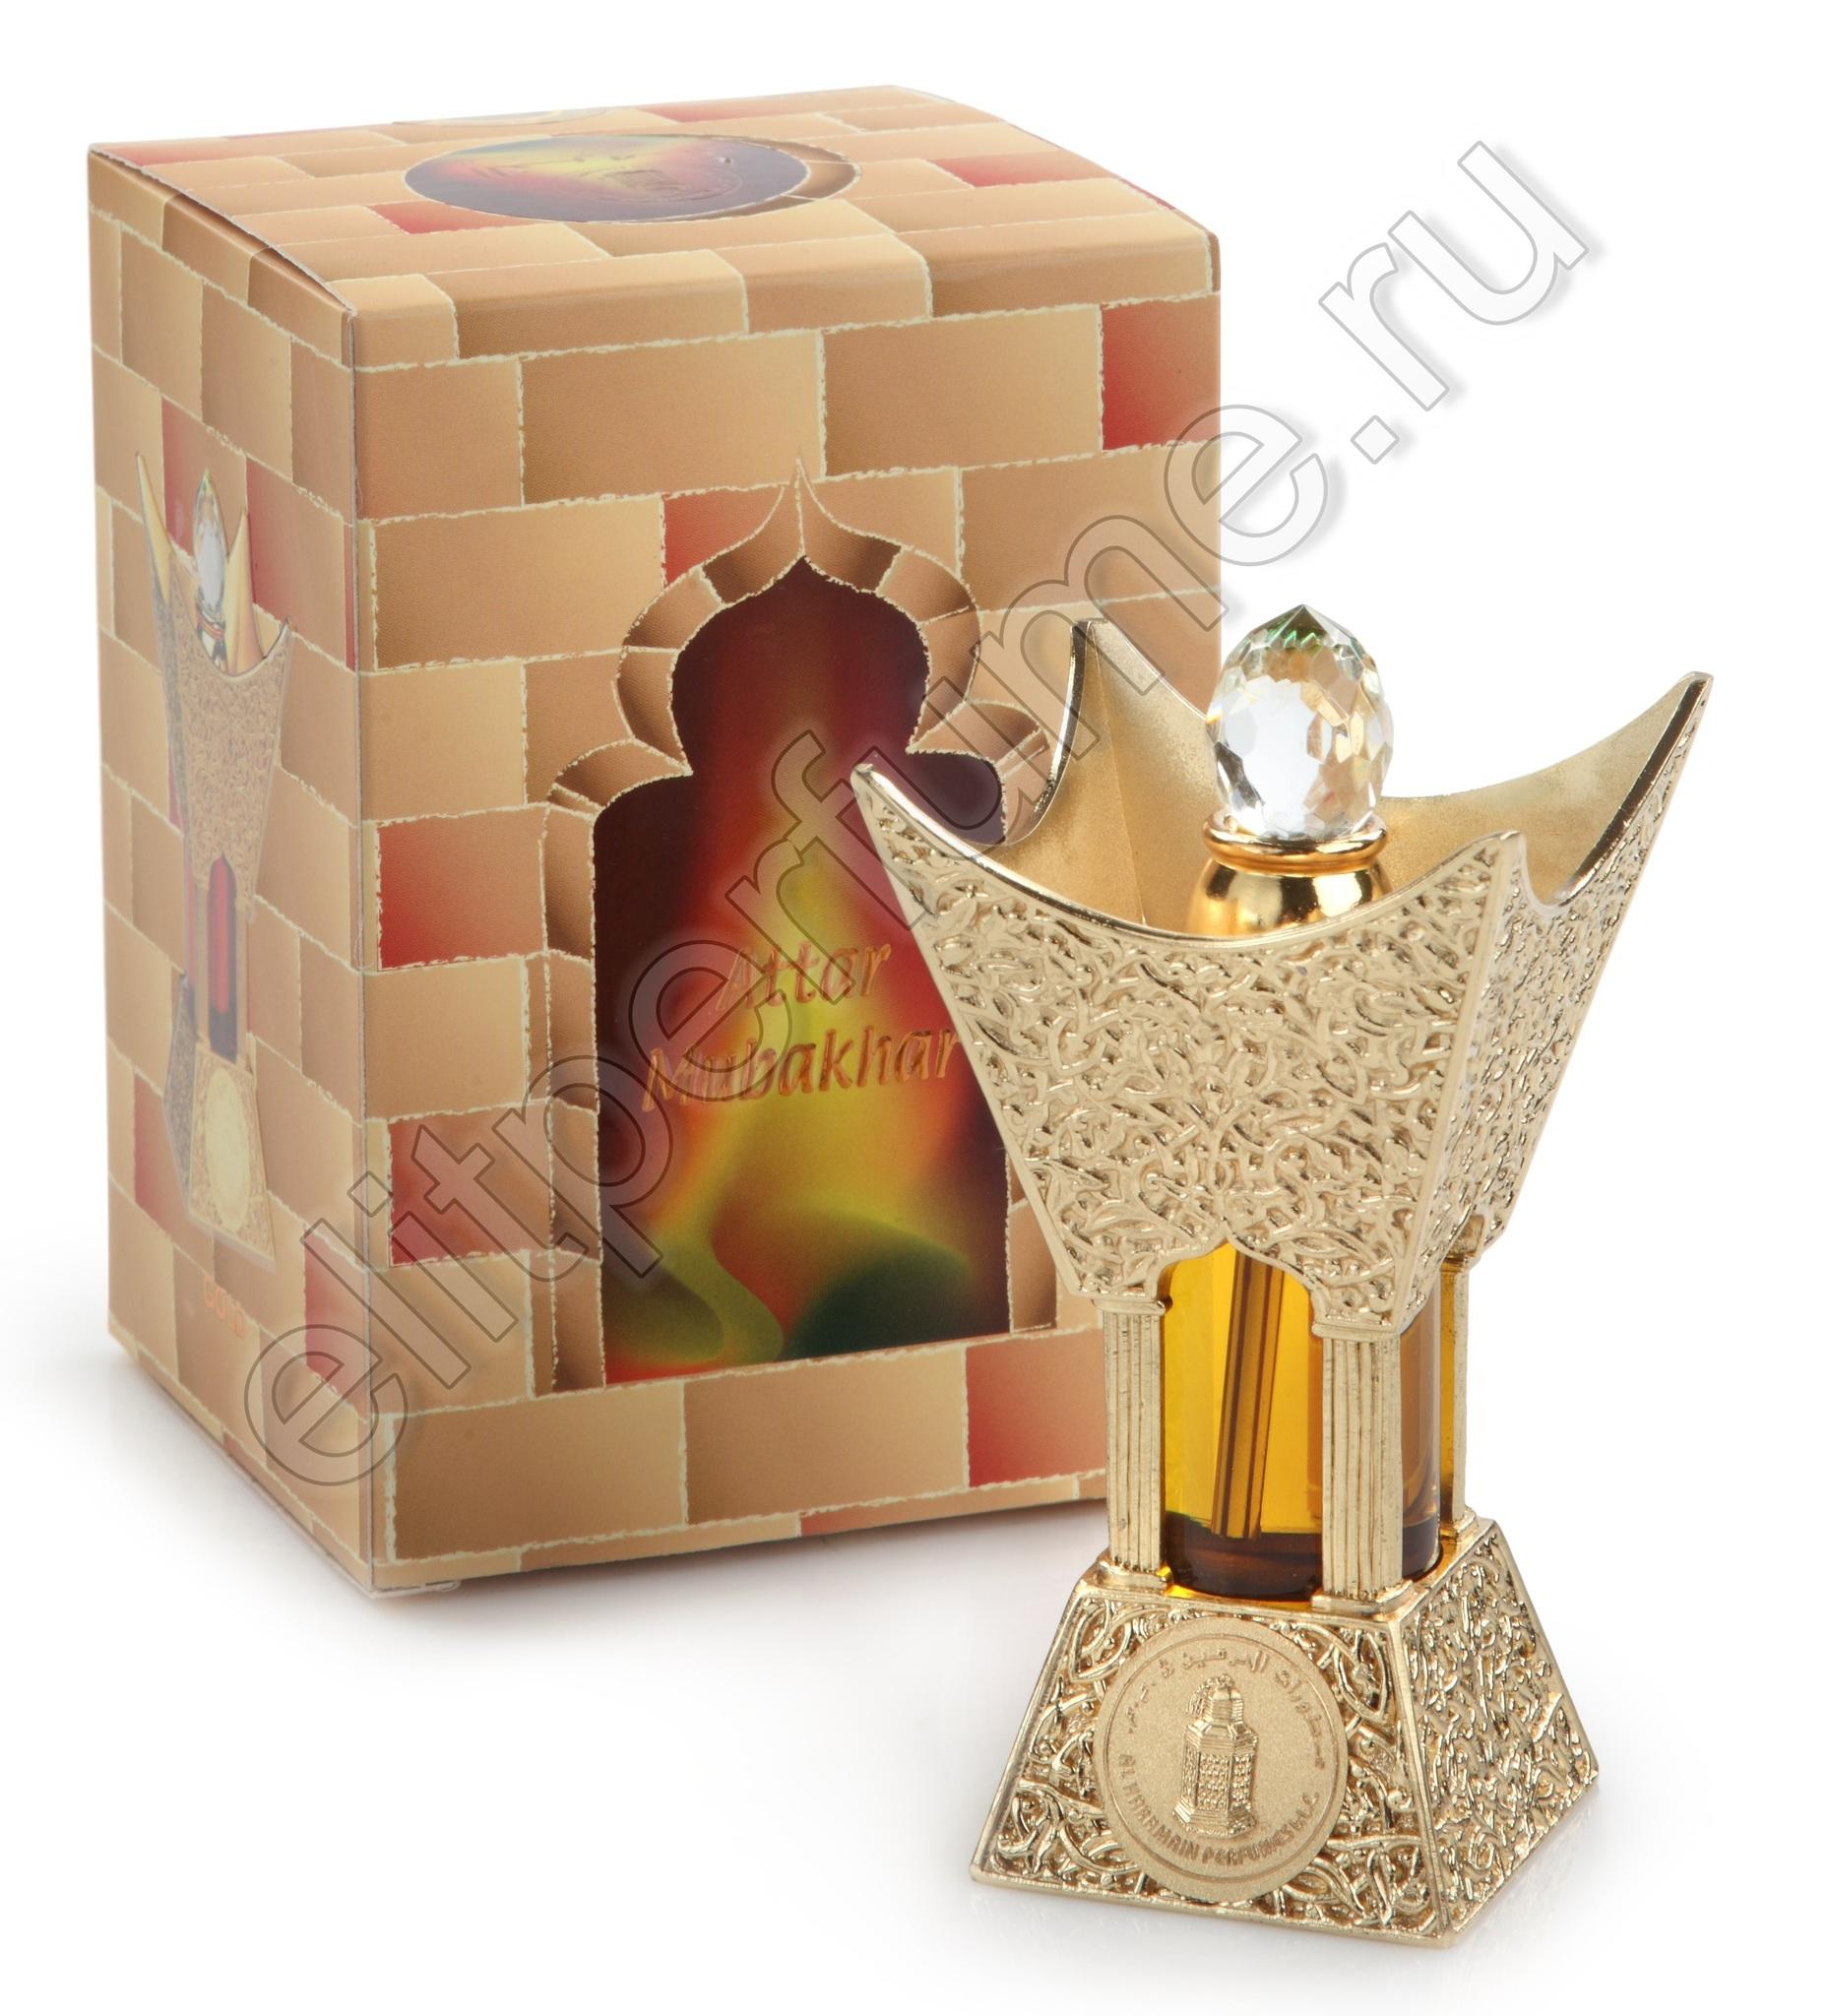 Аттар Мубахар Attar Mubakhar (Аль Харамайн) 30 мл арабские масляные духи от Аль Харамайн Al Haramain Perfumes